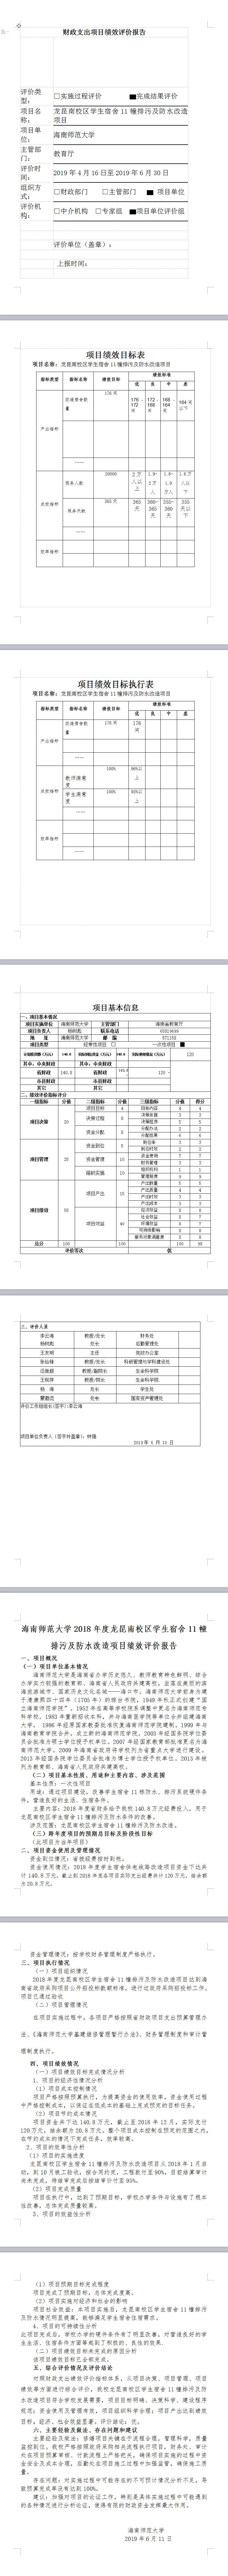 海南师范大学2018年龙昆南校区学生宿舍11幢排污及防水改造项目绩效评价报告